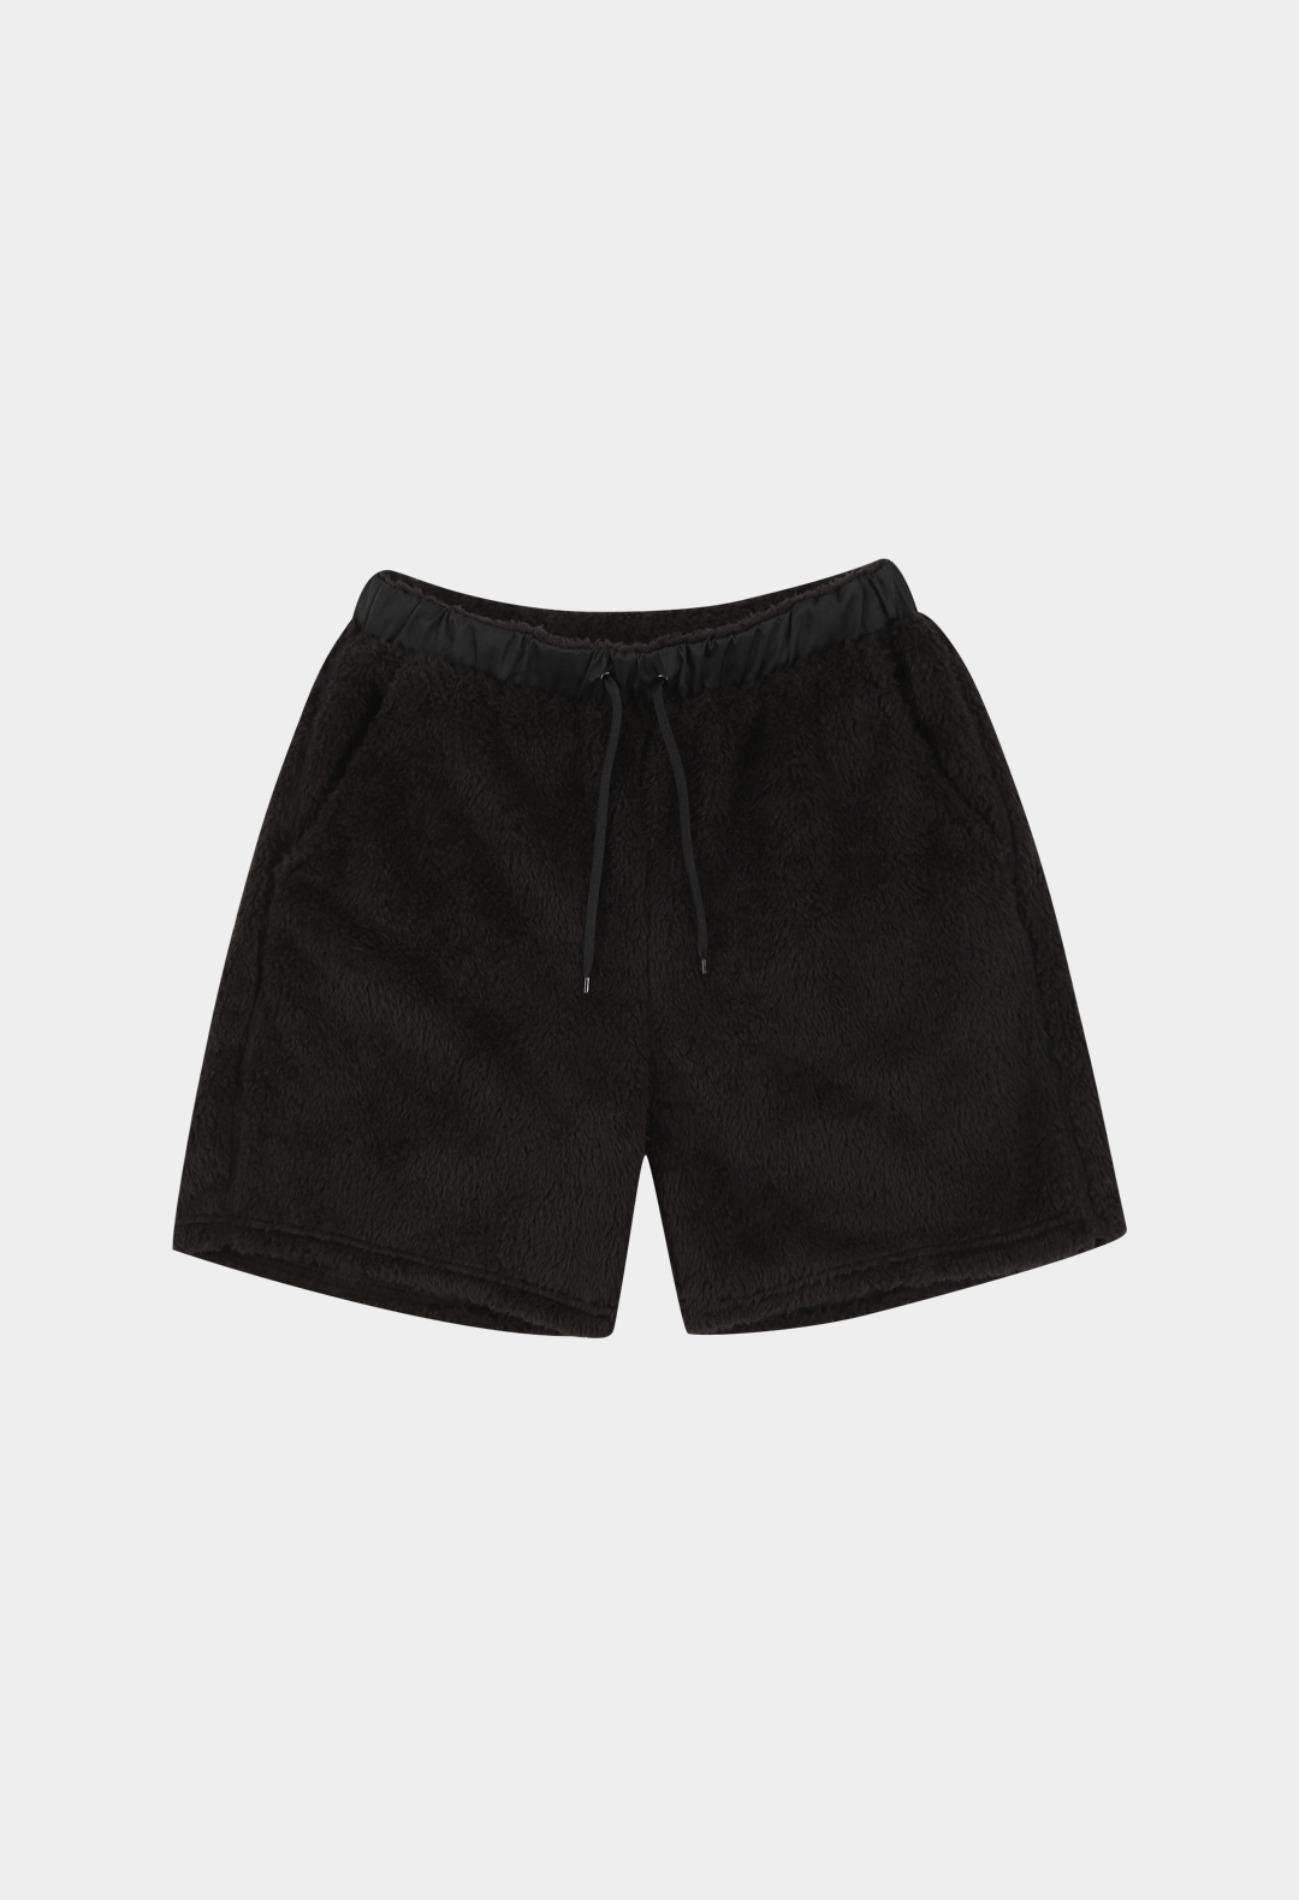 keek Tech Fleece Pillowdy Shorts by KEEK LAB - Black 스트릿패션 유니섹스브랜드 커플시밀러룩 남자쇼핑몰 여성의류쇼핑몰 후드티 힙색